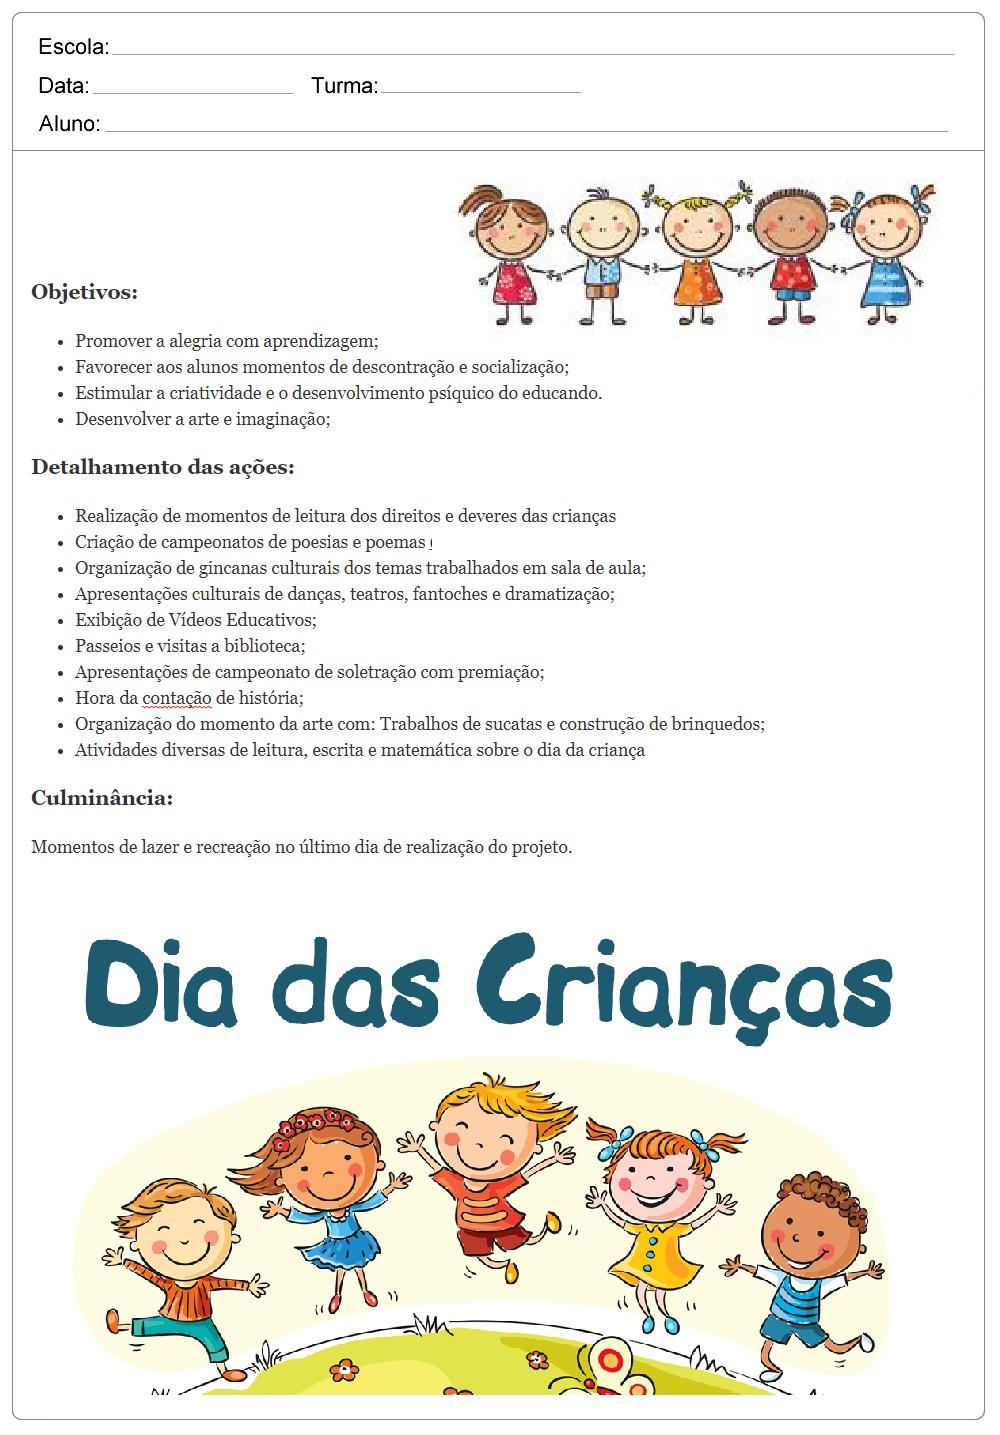 Planos de aula para Dia das Crianças - Semana da Criança.